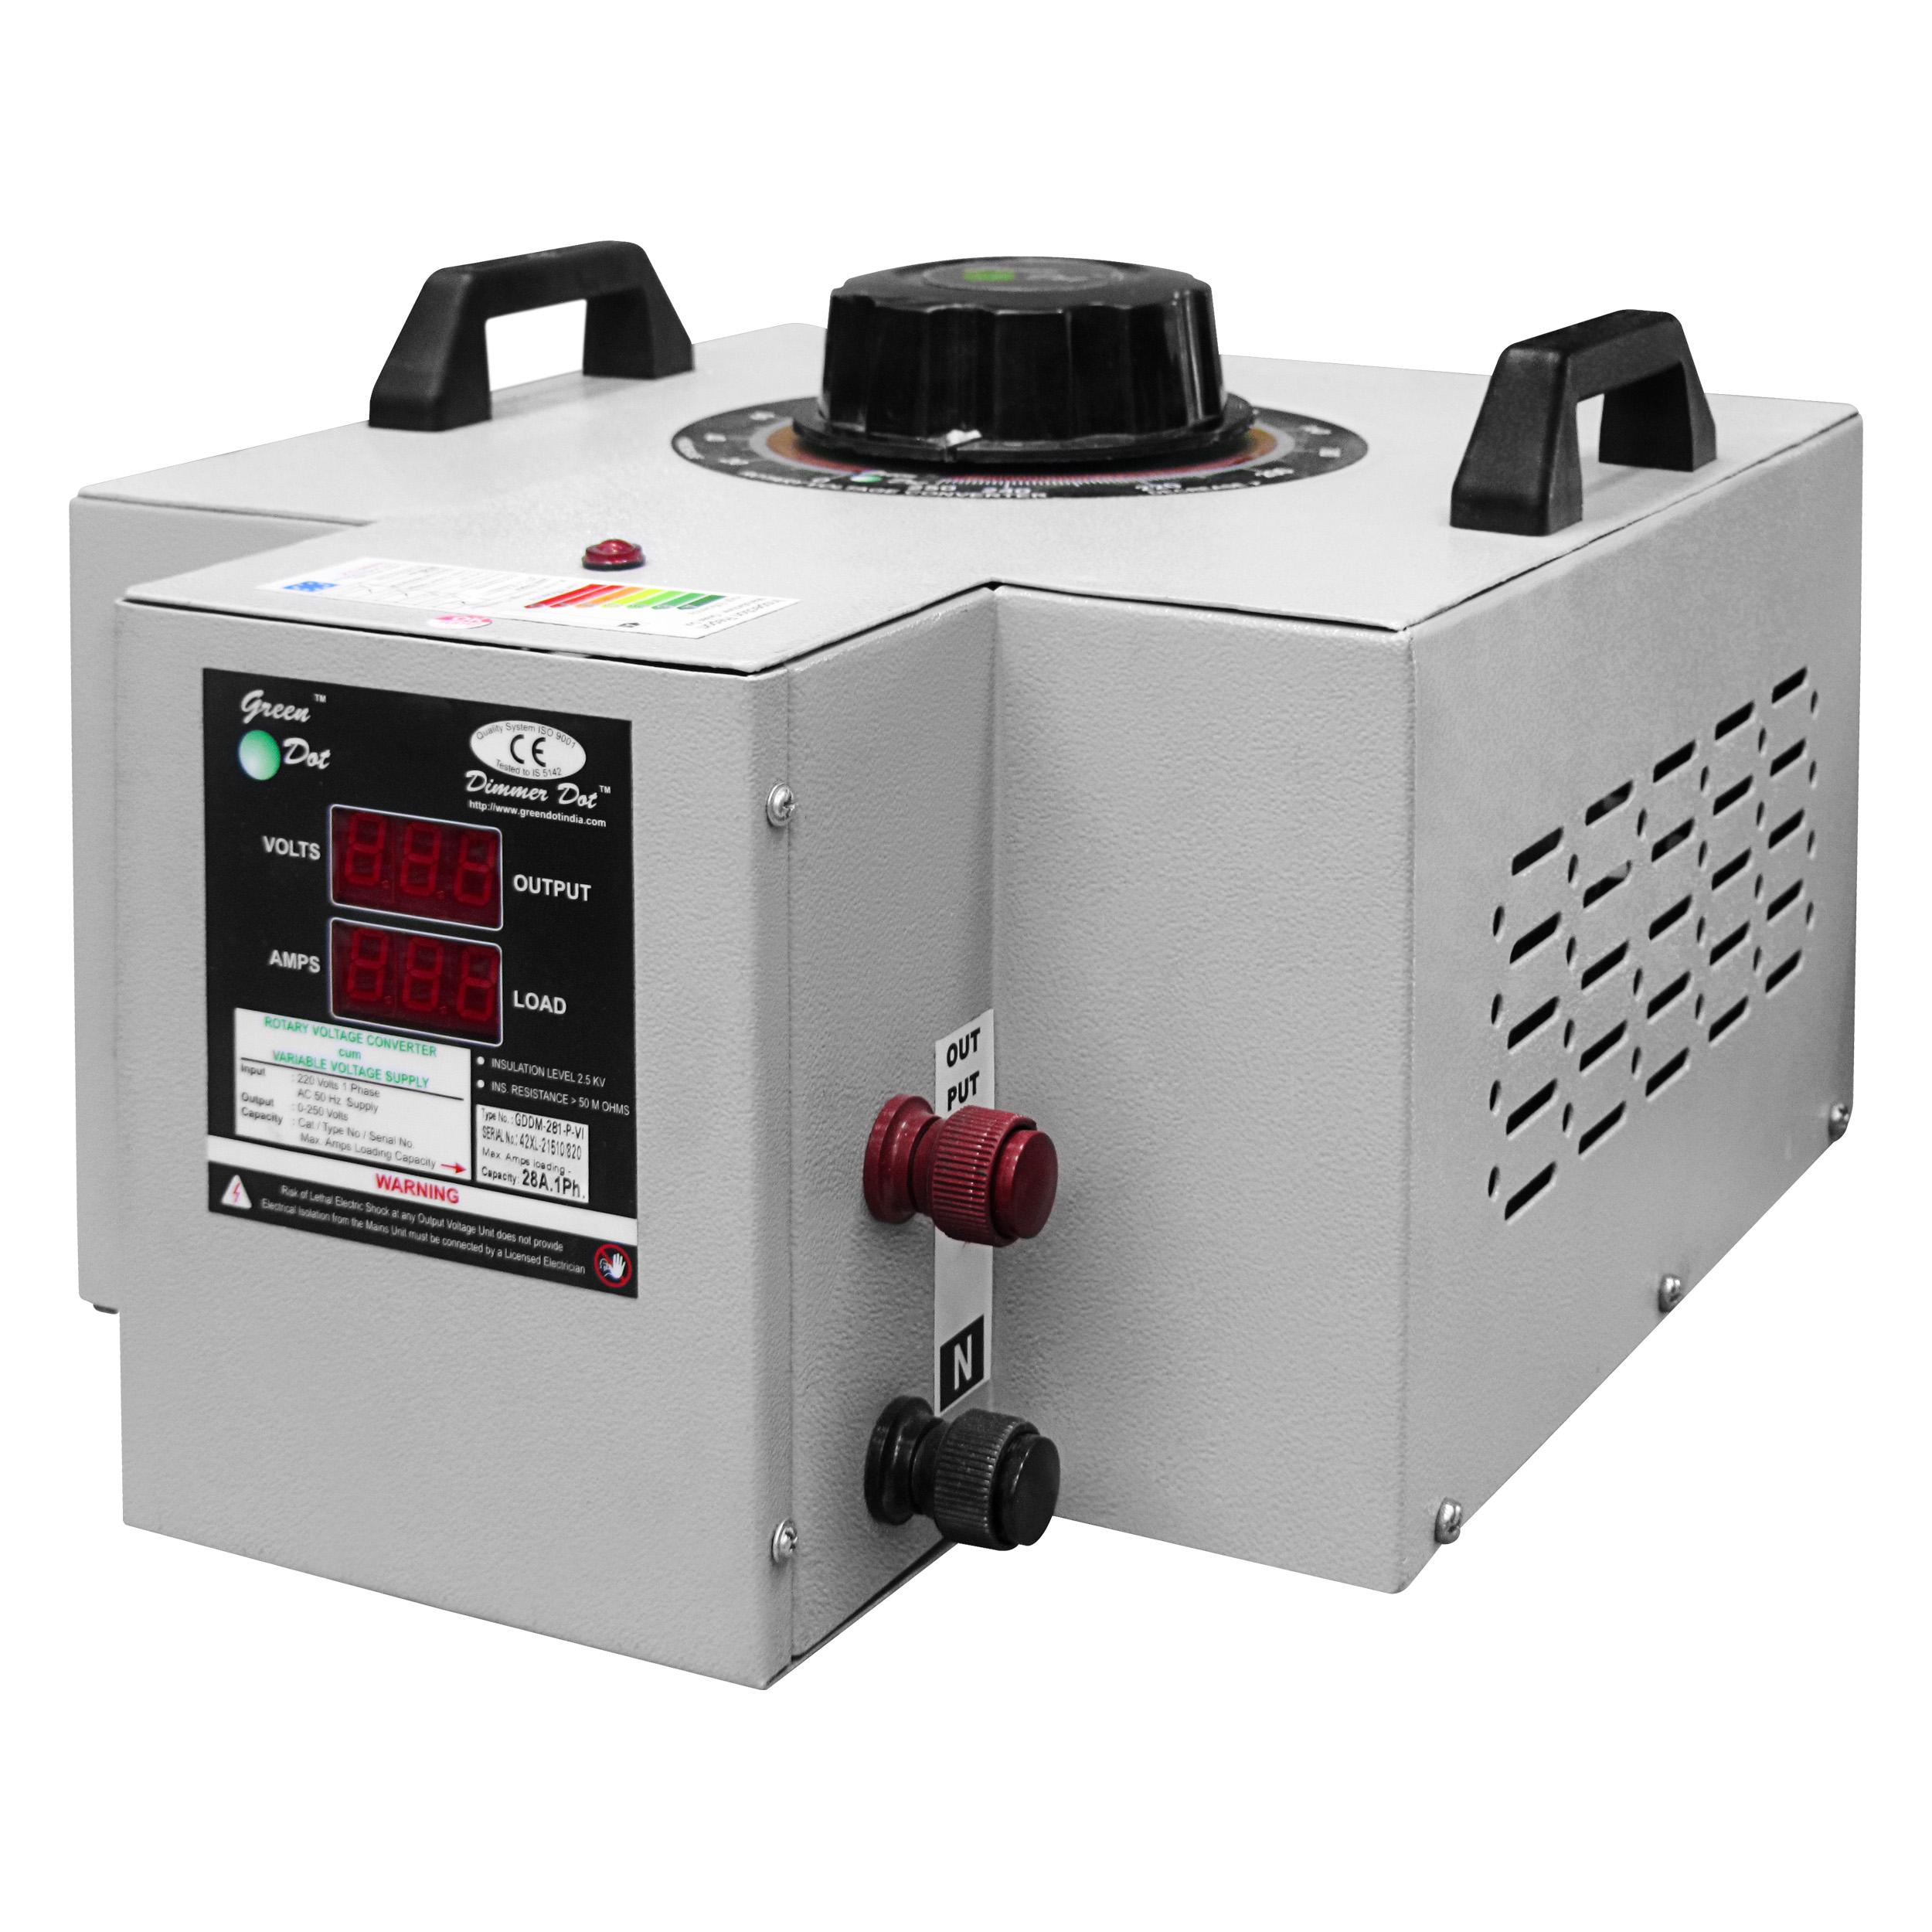 واریاک گرین دات مدل GDDM-281-P-VI توان 7000VA